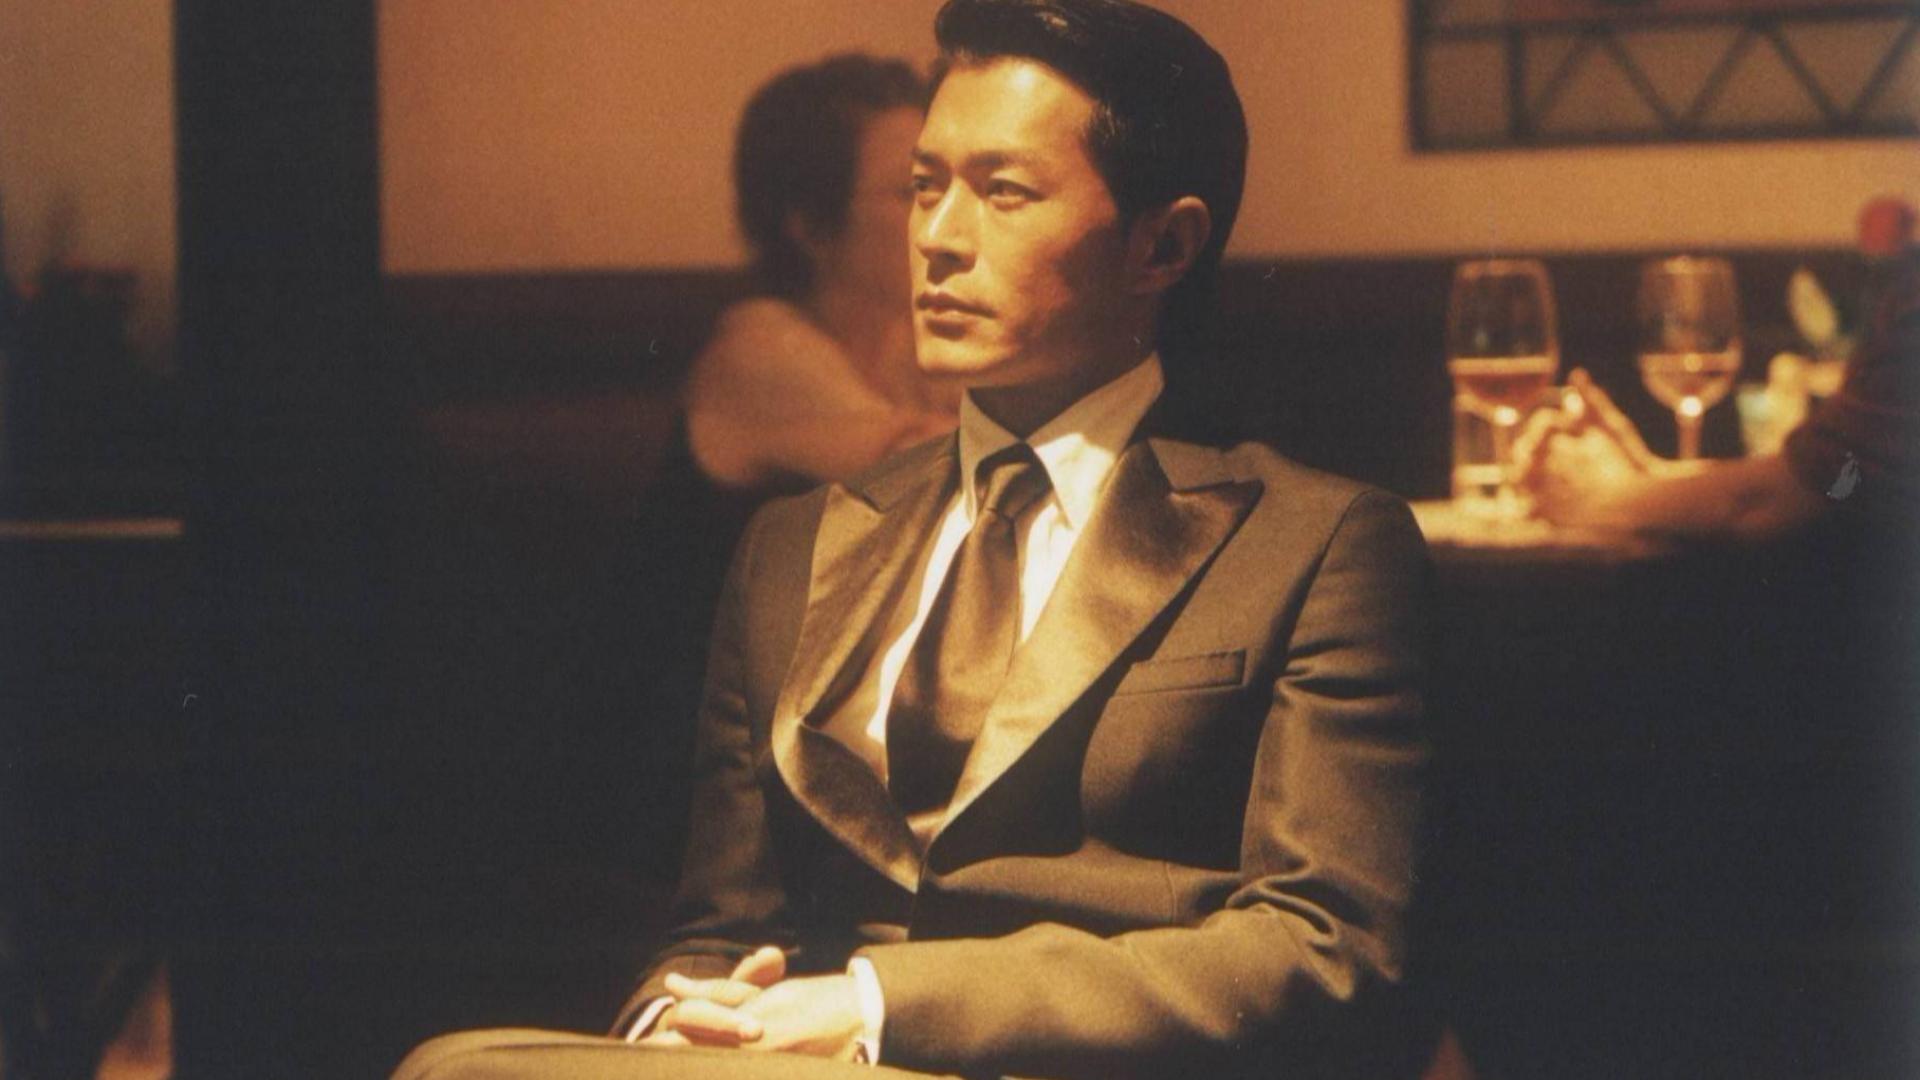 《黑社会2》看配角的精彩表演,香港社团老大的去与留!